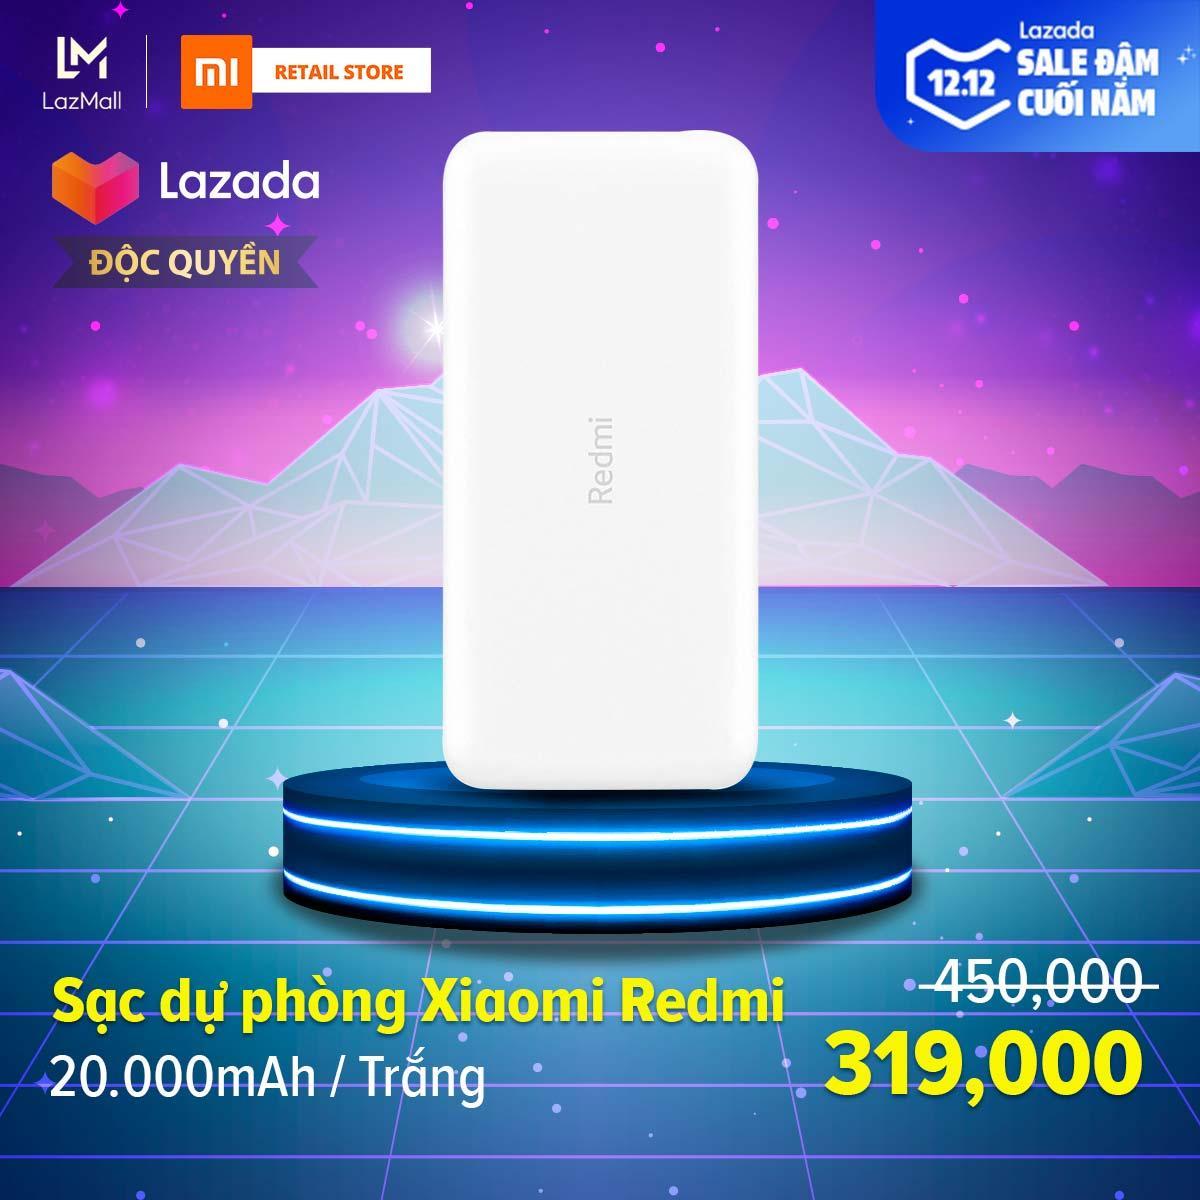 [ĐỘC QUYỀN LAZADA] Sạc dự phòng Xiaomi Redmi 20.000mAh - Sạc nhanh Max 18W - Input Micro USB & Type-C / Output USB-A x2 - Hàng chính hãng